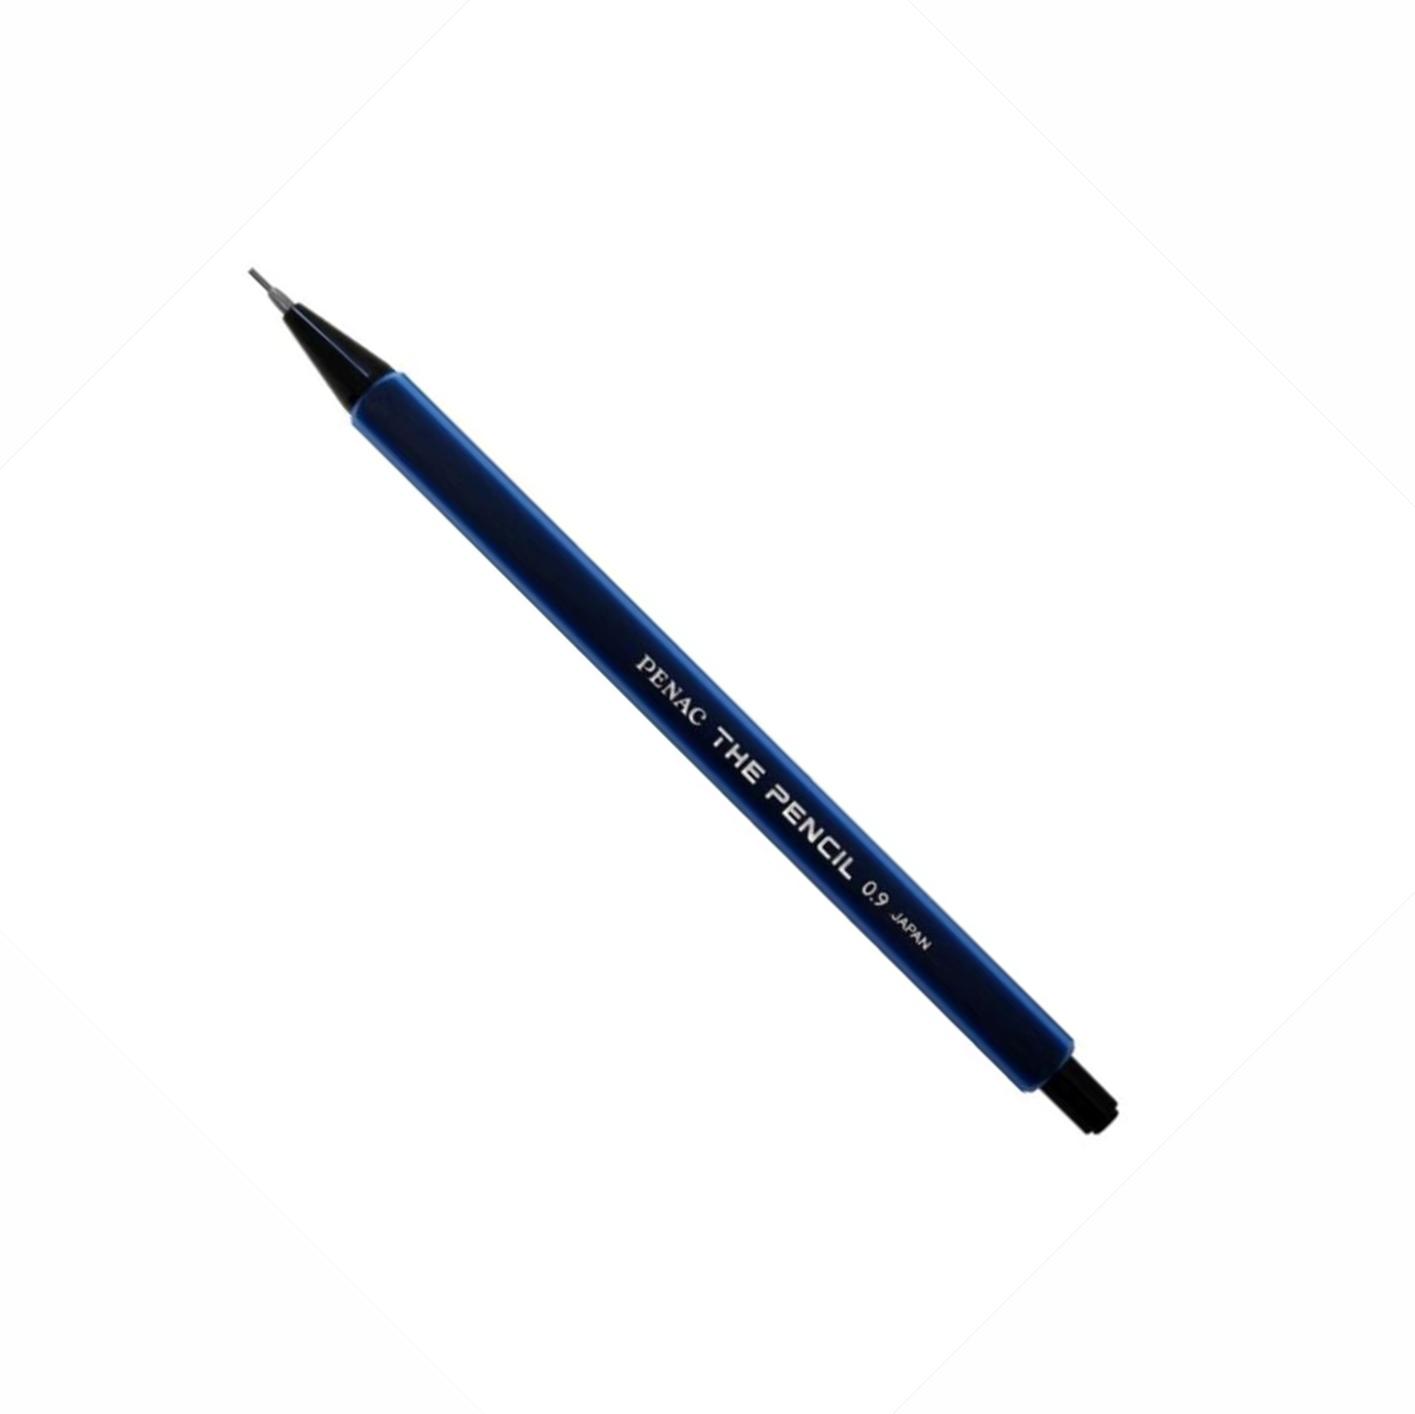 Купить Карандаш механический Penac The pencil 0, 9 мм синий корпус, Япония